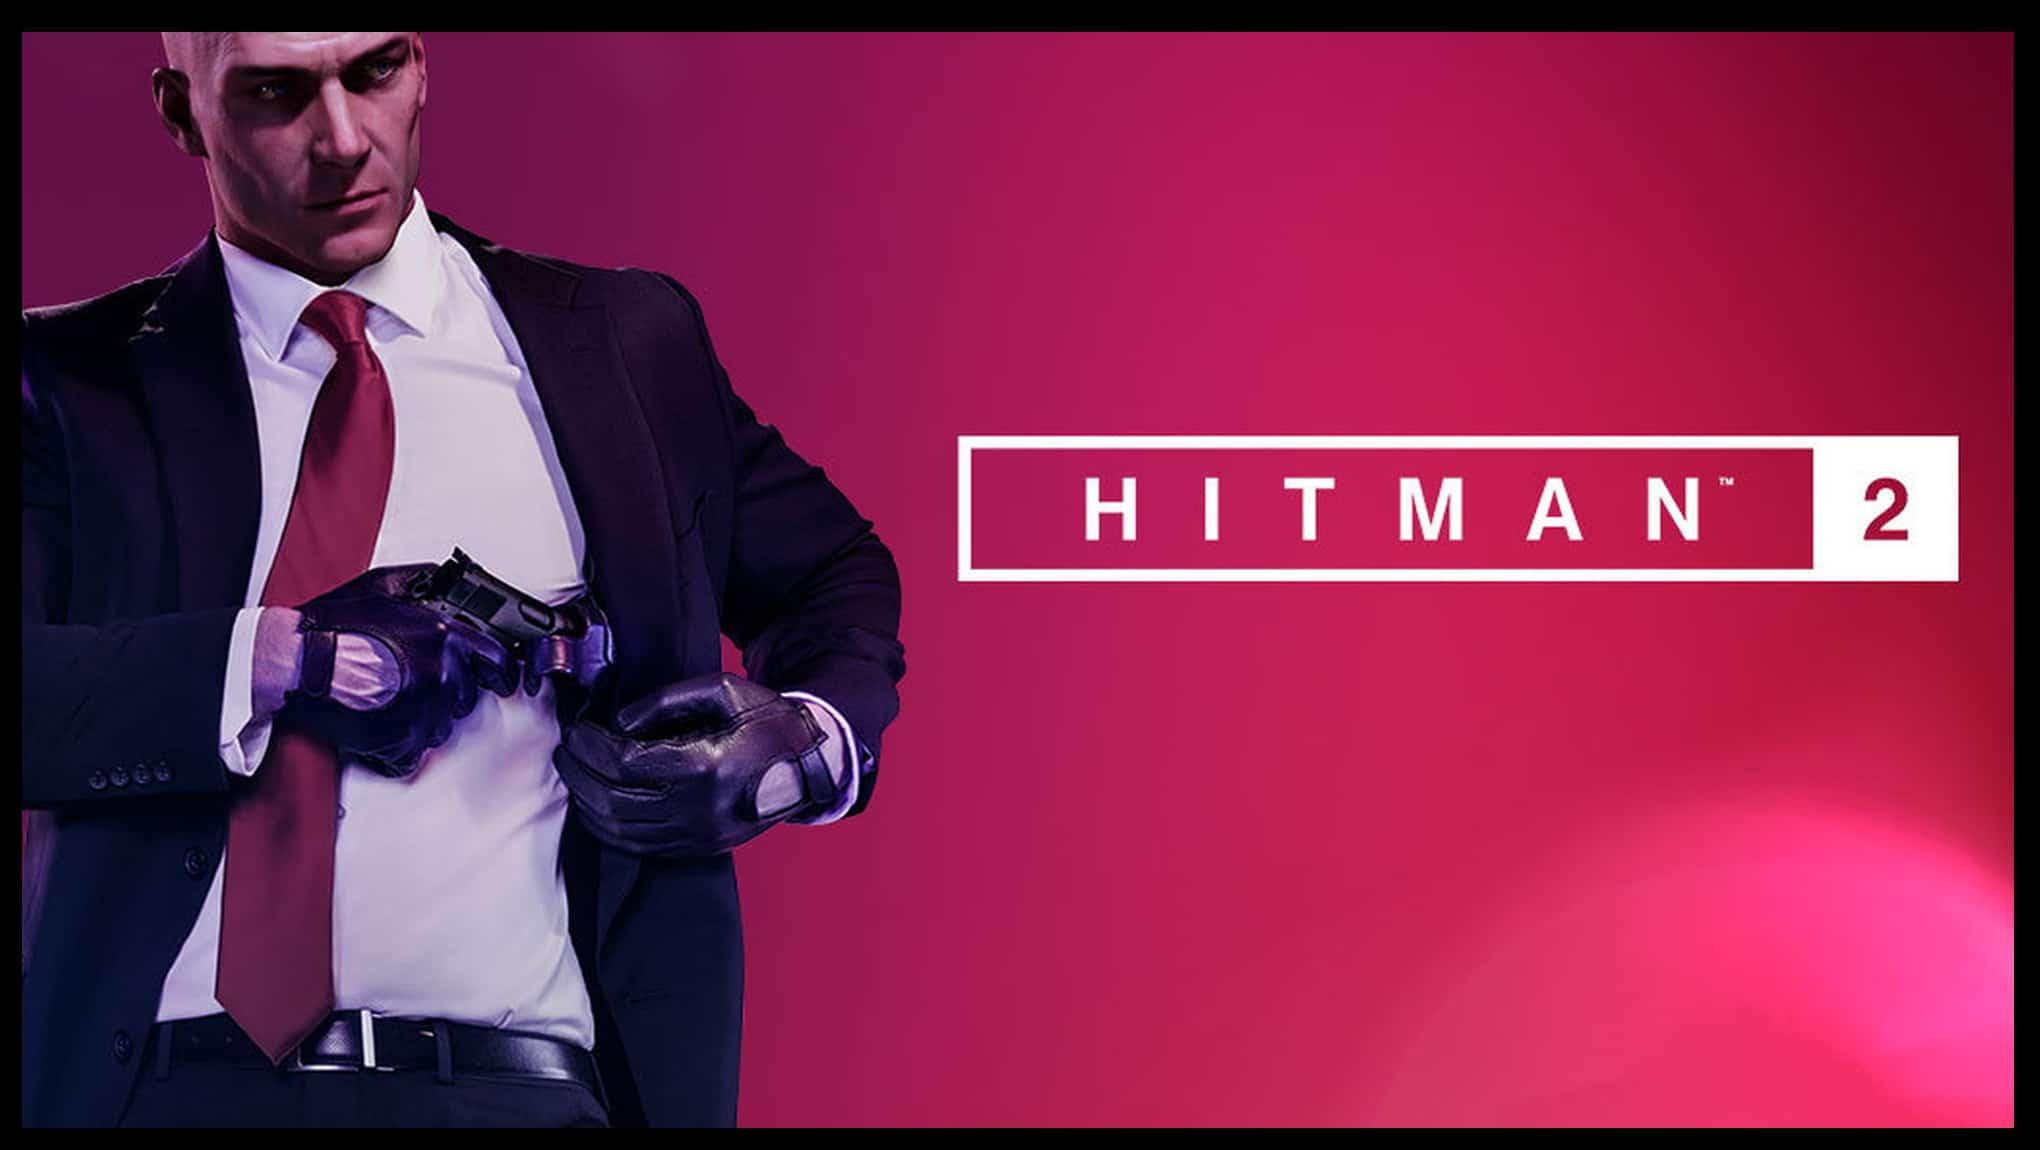 hitman, hitman 2018,cheyan antwaune gray, cheyan gray, antwaune gray, thelifestyleelite,elite lifestyle, thelifestyleelitedotcom, thelifestyleelite.com,tlselite.com,TheLifeStyleElite.com,cheyan antwaune gray,fashion,models of thelifestyleelite.com, the life style elite,the lifestyle elite,elite lifestyle,lifestyleelite.com,cheyan gray,TLSElite,TLSElite.com,TLSEliteGaming,TLSElite Gaming